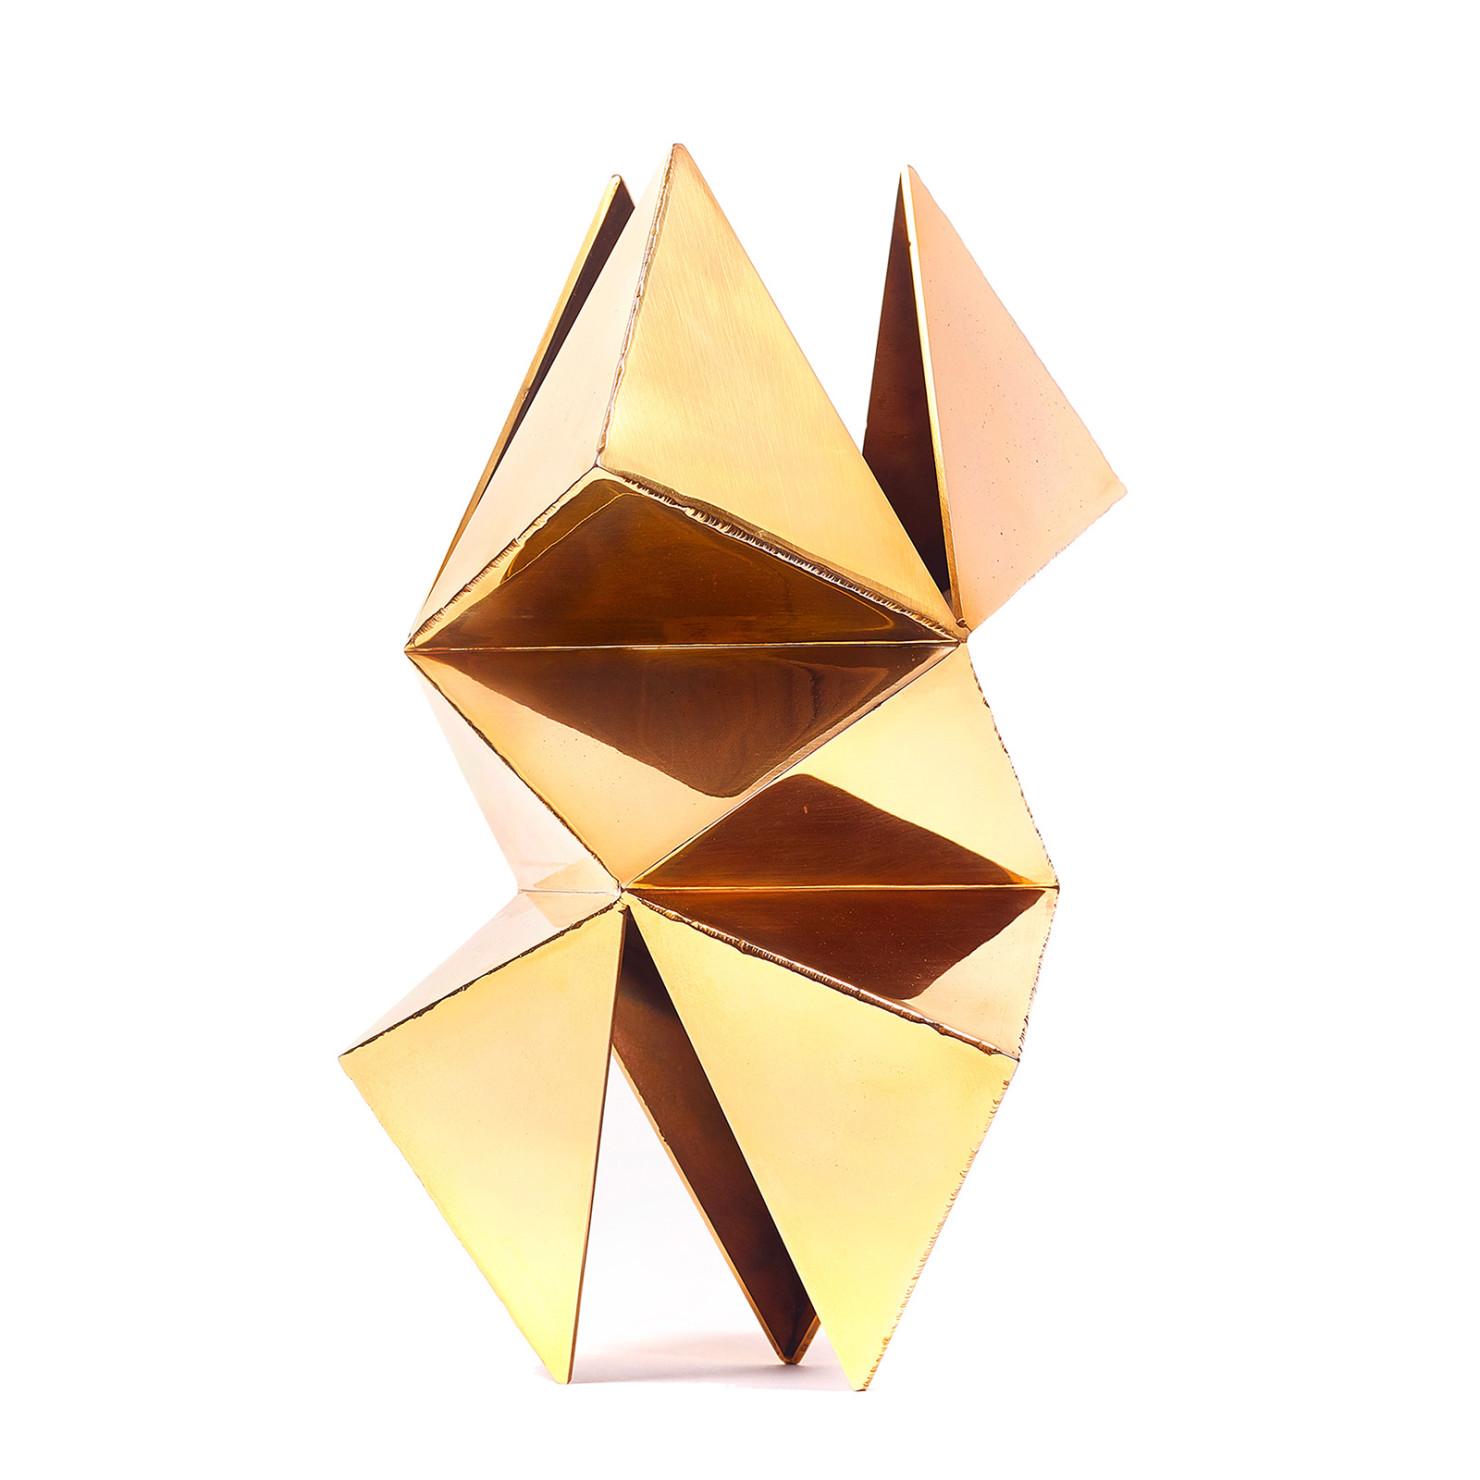 Gold Isosceles